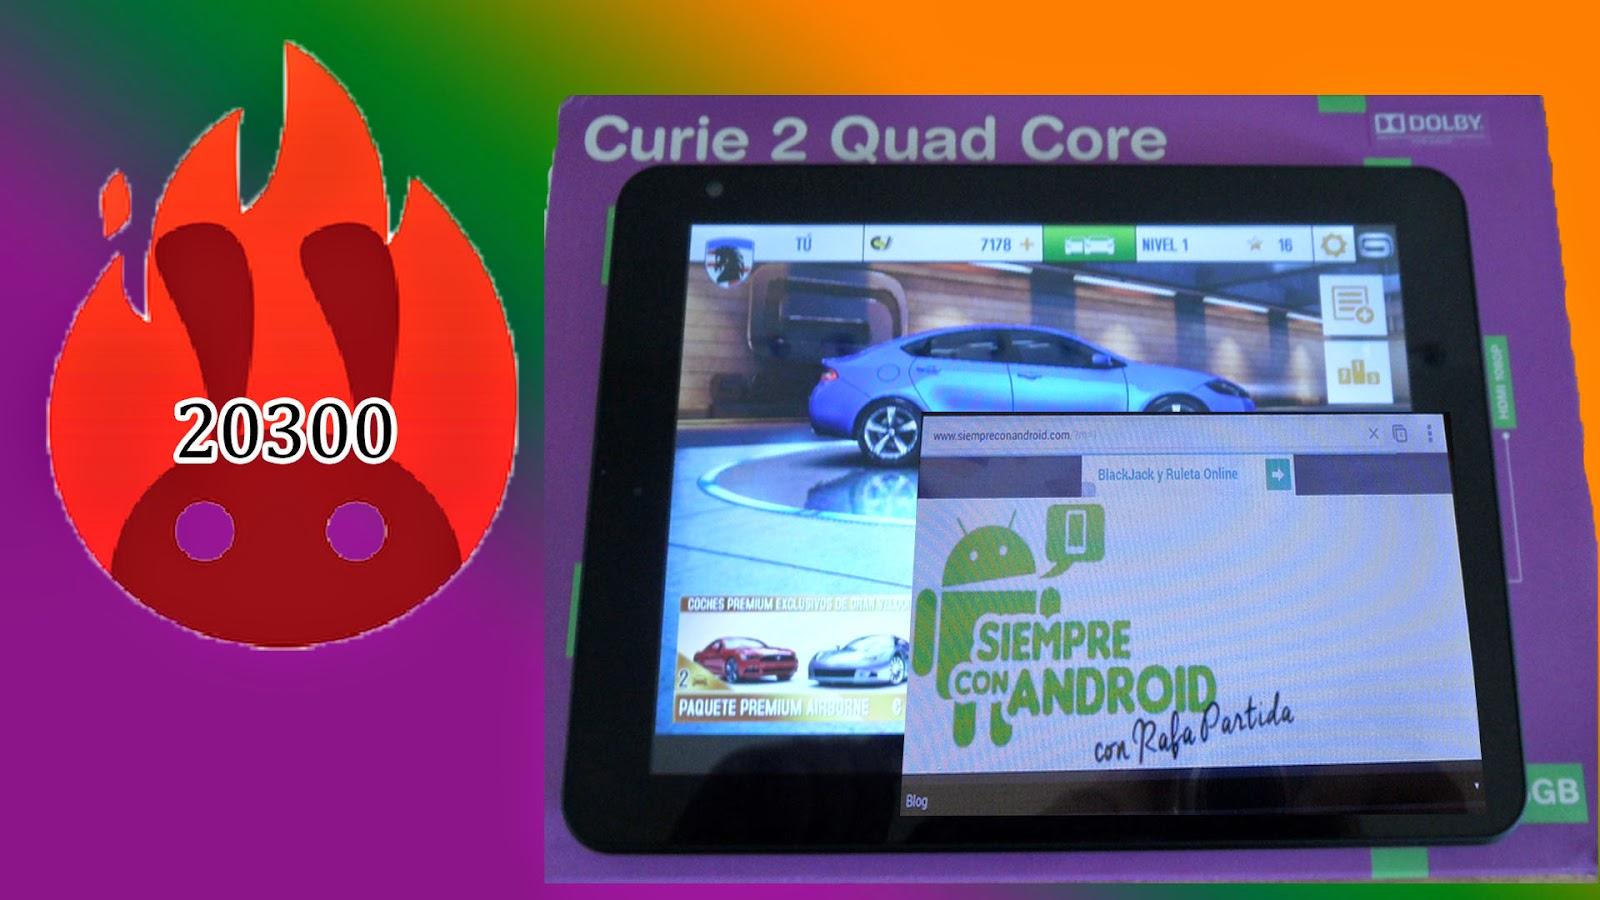 Test de Rendimiento Antutu, de la tablet BQ Curie 2 Quad Core, da 20300 puntos.